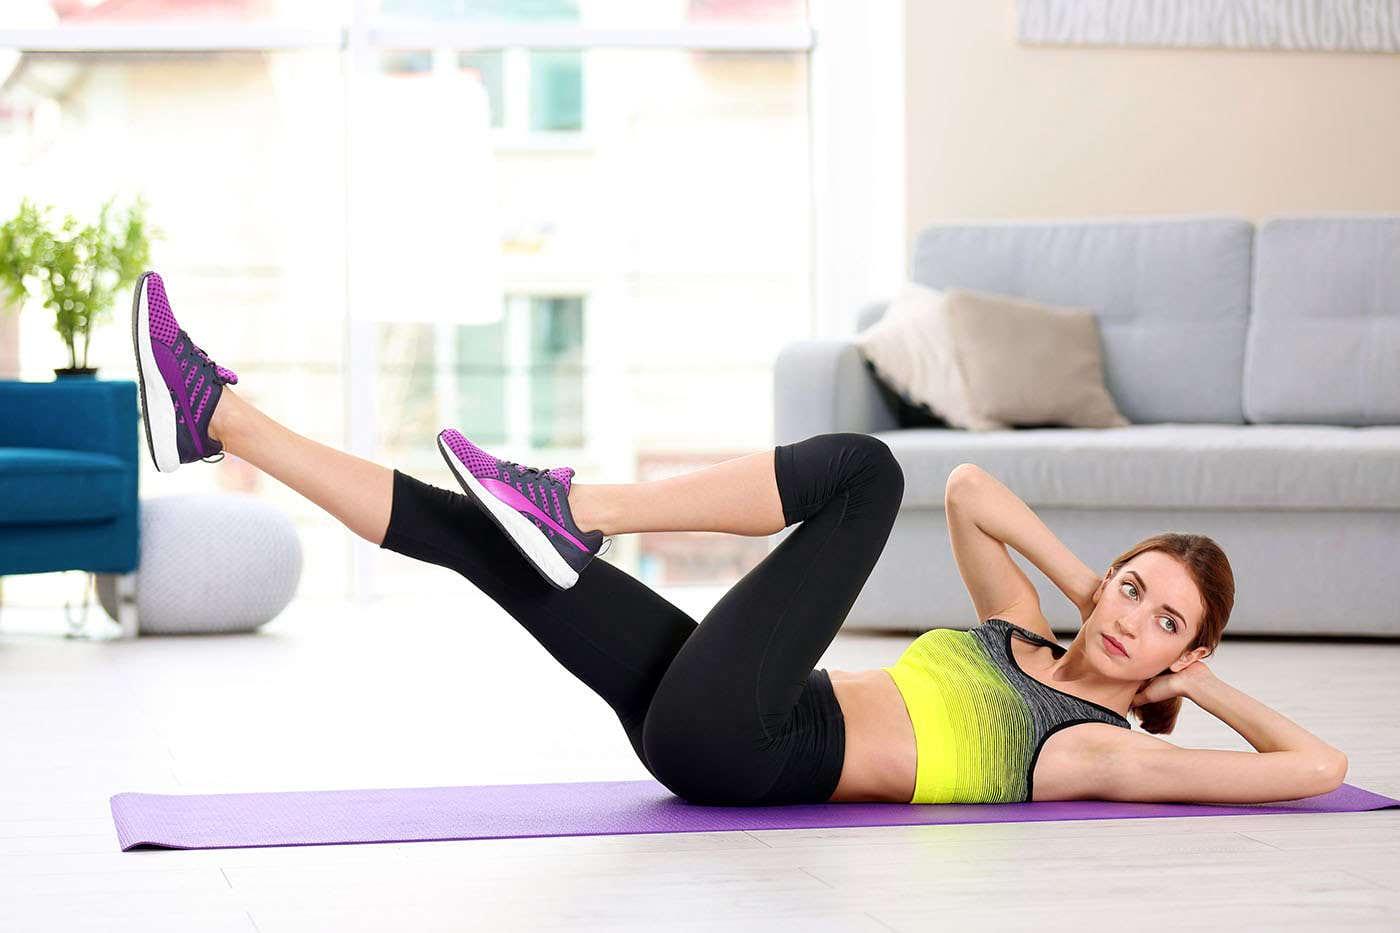 Exerciții pentru trunchi: cum obții un corp puternic în 4 săptămâni